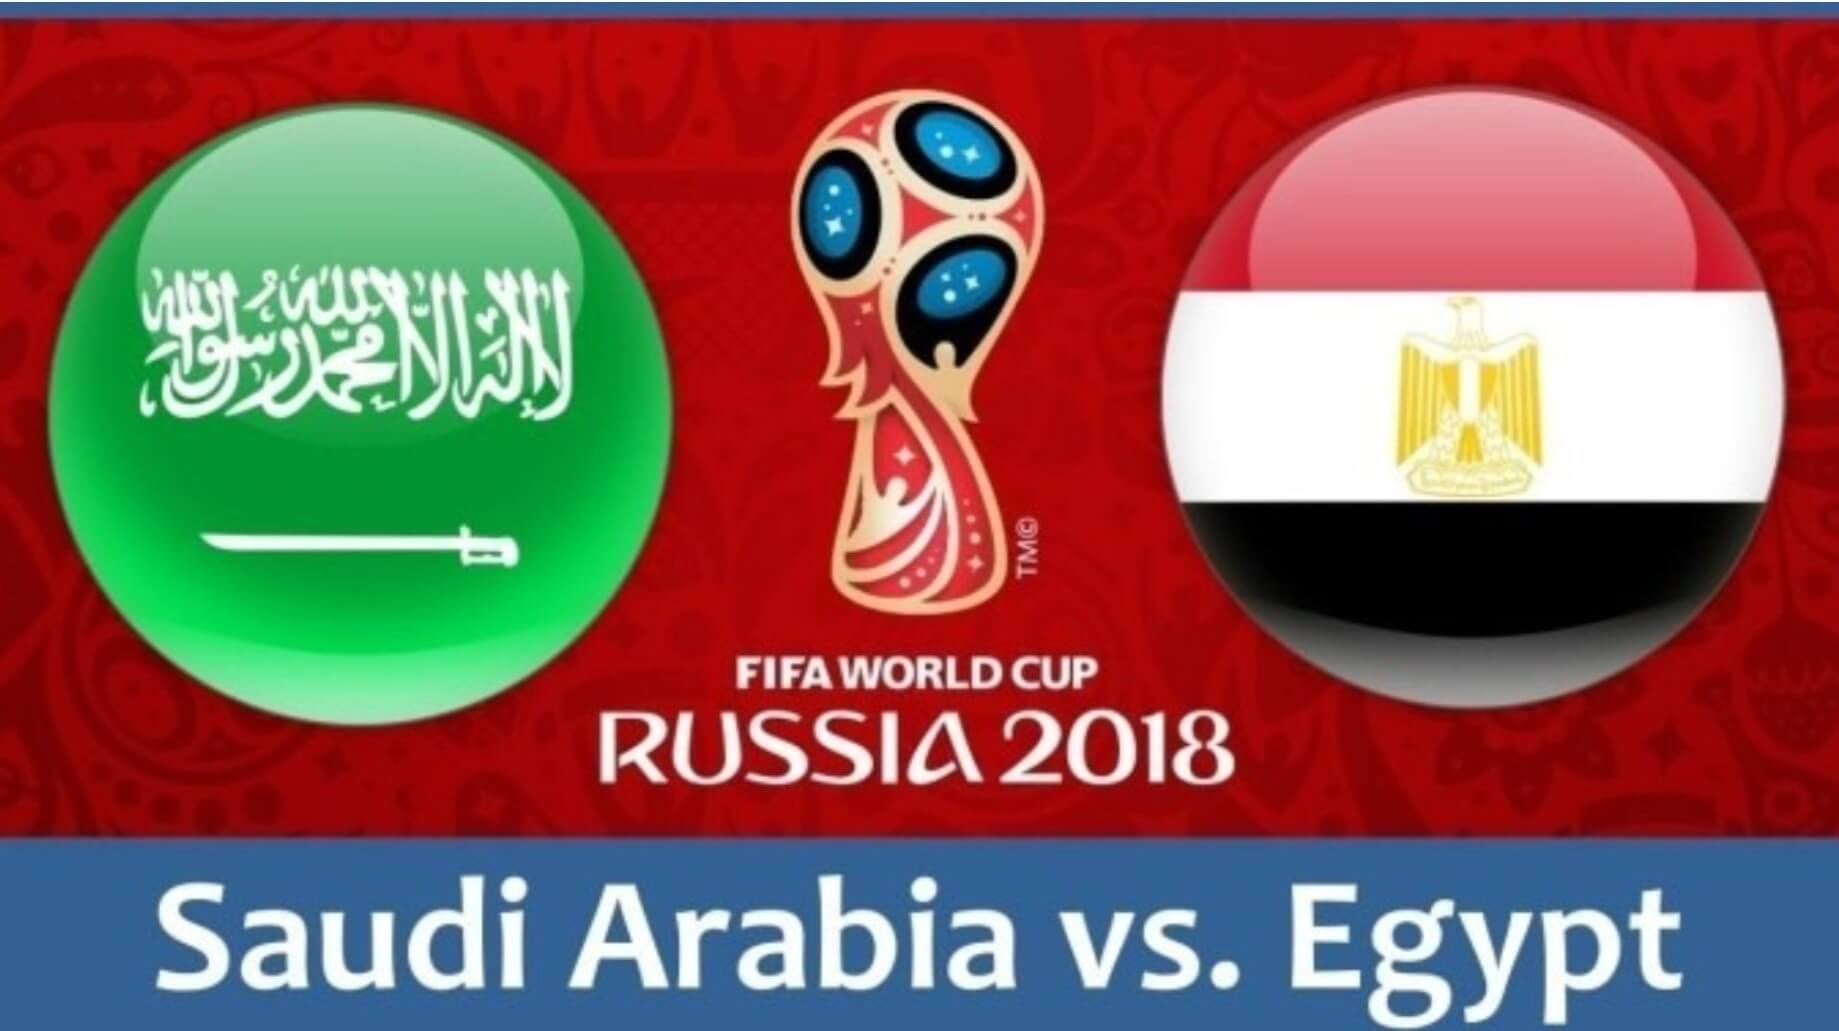 FIFA बुहुम काप 2018, सावदि आराबिया vs इजिप नायबिजिरनाय